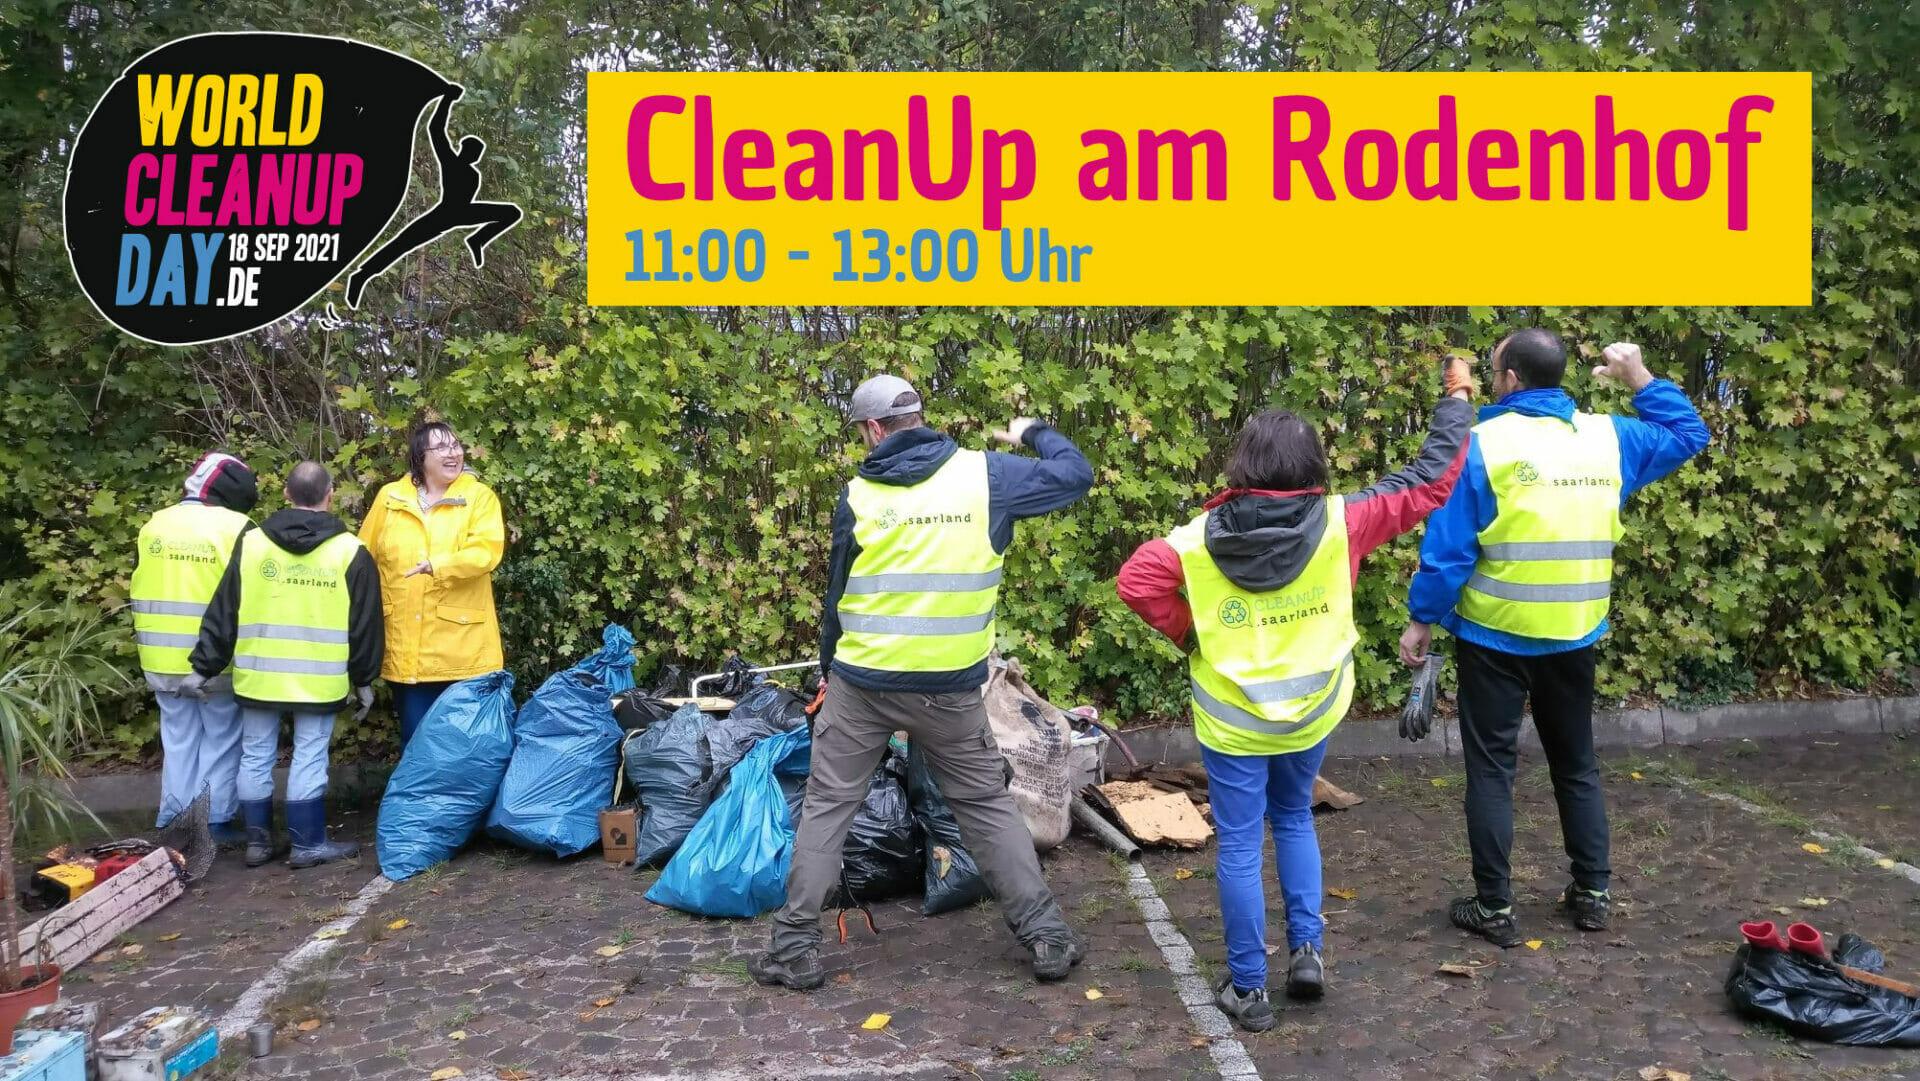 CleanUp am Rodenhof - (Saarland)